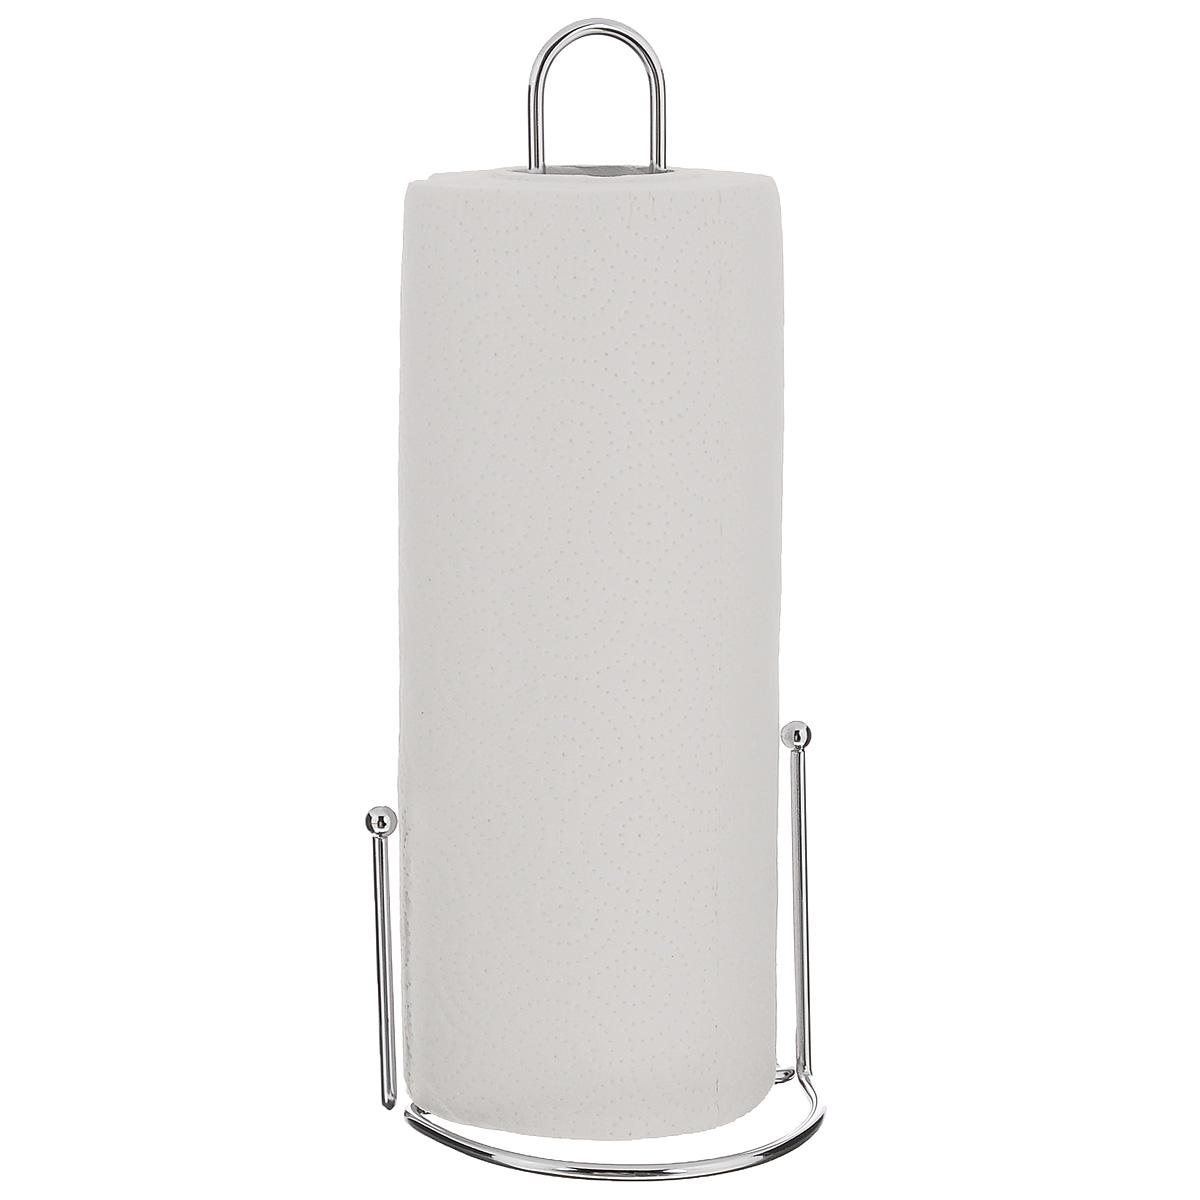 Держатель для бумажных полотенец Zeller24858Держатель для бумажных полотенец Zeller изготовлен из металла с хромированной поверхностью. Круглое основание обеспечивает устойчивость подставки. Вы можете установить ее в любом удобном месте. Держатель подходит для всех видов кухонных полотенец. Такой держатель для бумажных полотенец станет полезным аксессуаром в домашнем быту и идеально впишется в интерьер современной кухни. В комплекте с держателем - рулон бумажных полотенец для рук. Диаметр основания держателя: 12 см. Высота держателя: 31 см.